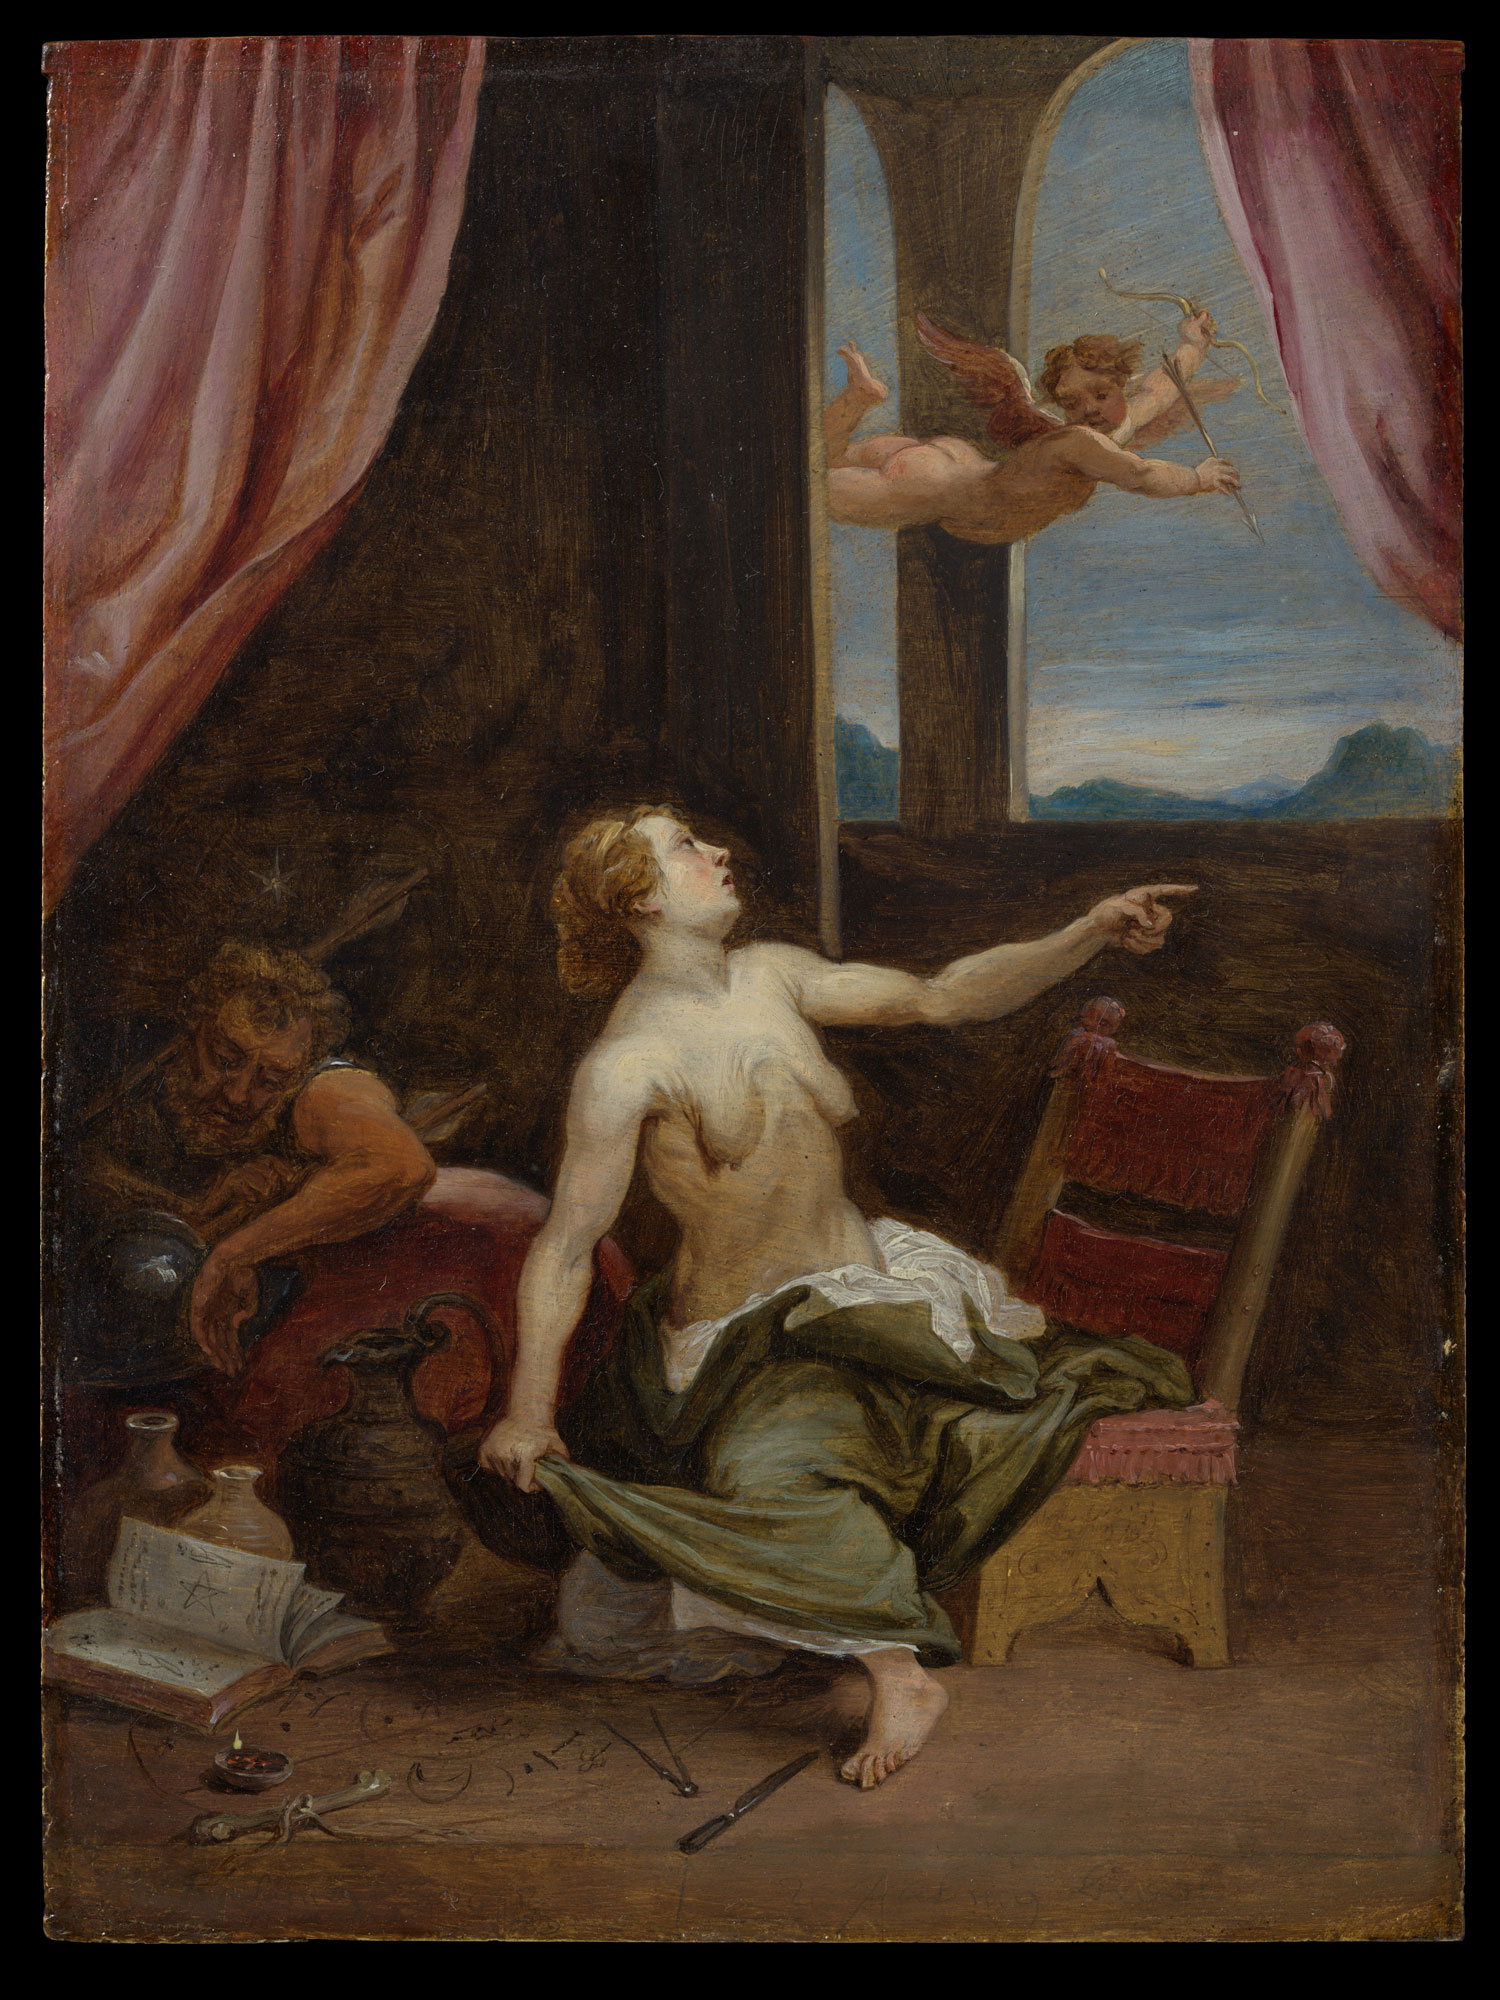 5. David Teniers il giovane, da Lorenzo Lotto, Allegoria della frode, New York, Metropolitan Museum of Art, Lehman Collection